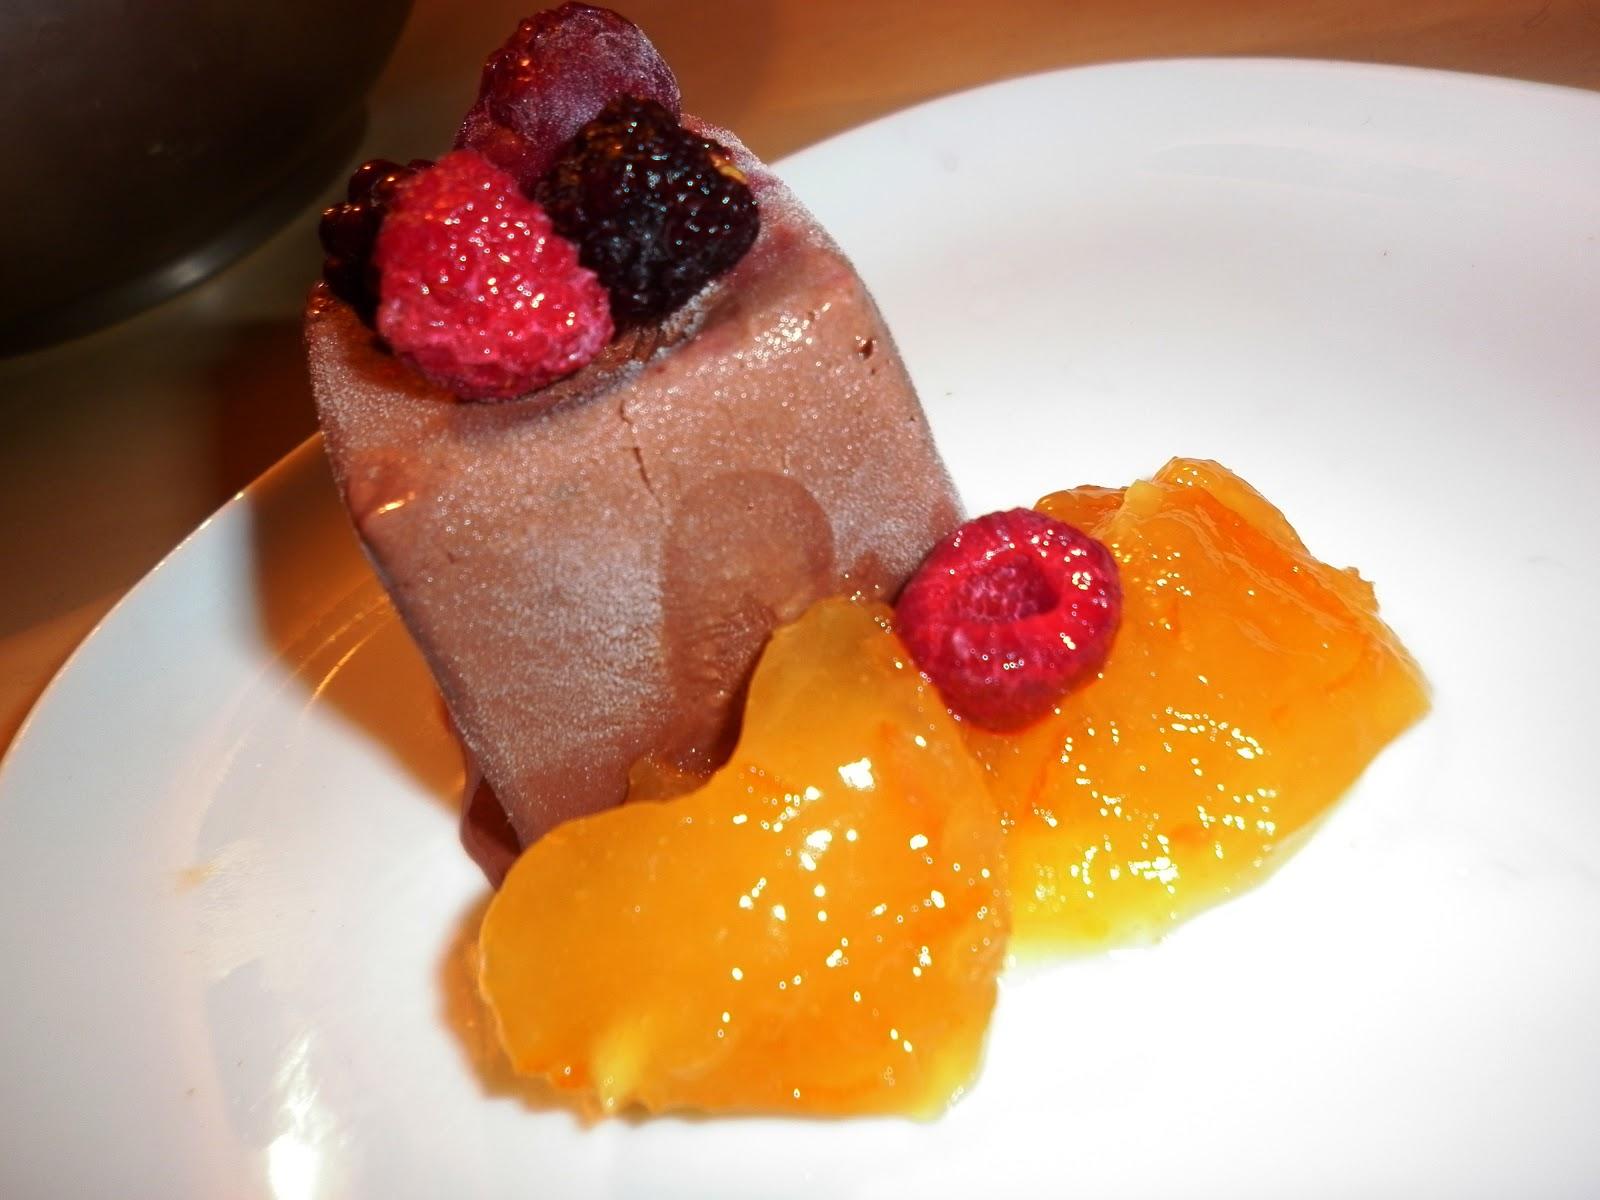 Cocina macrobi tica helado de soja for Cocina macrobiotica